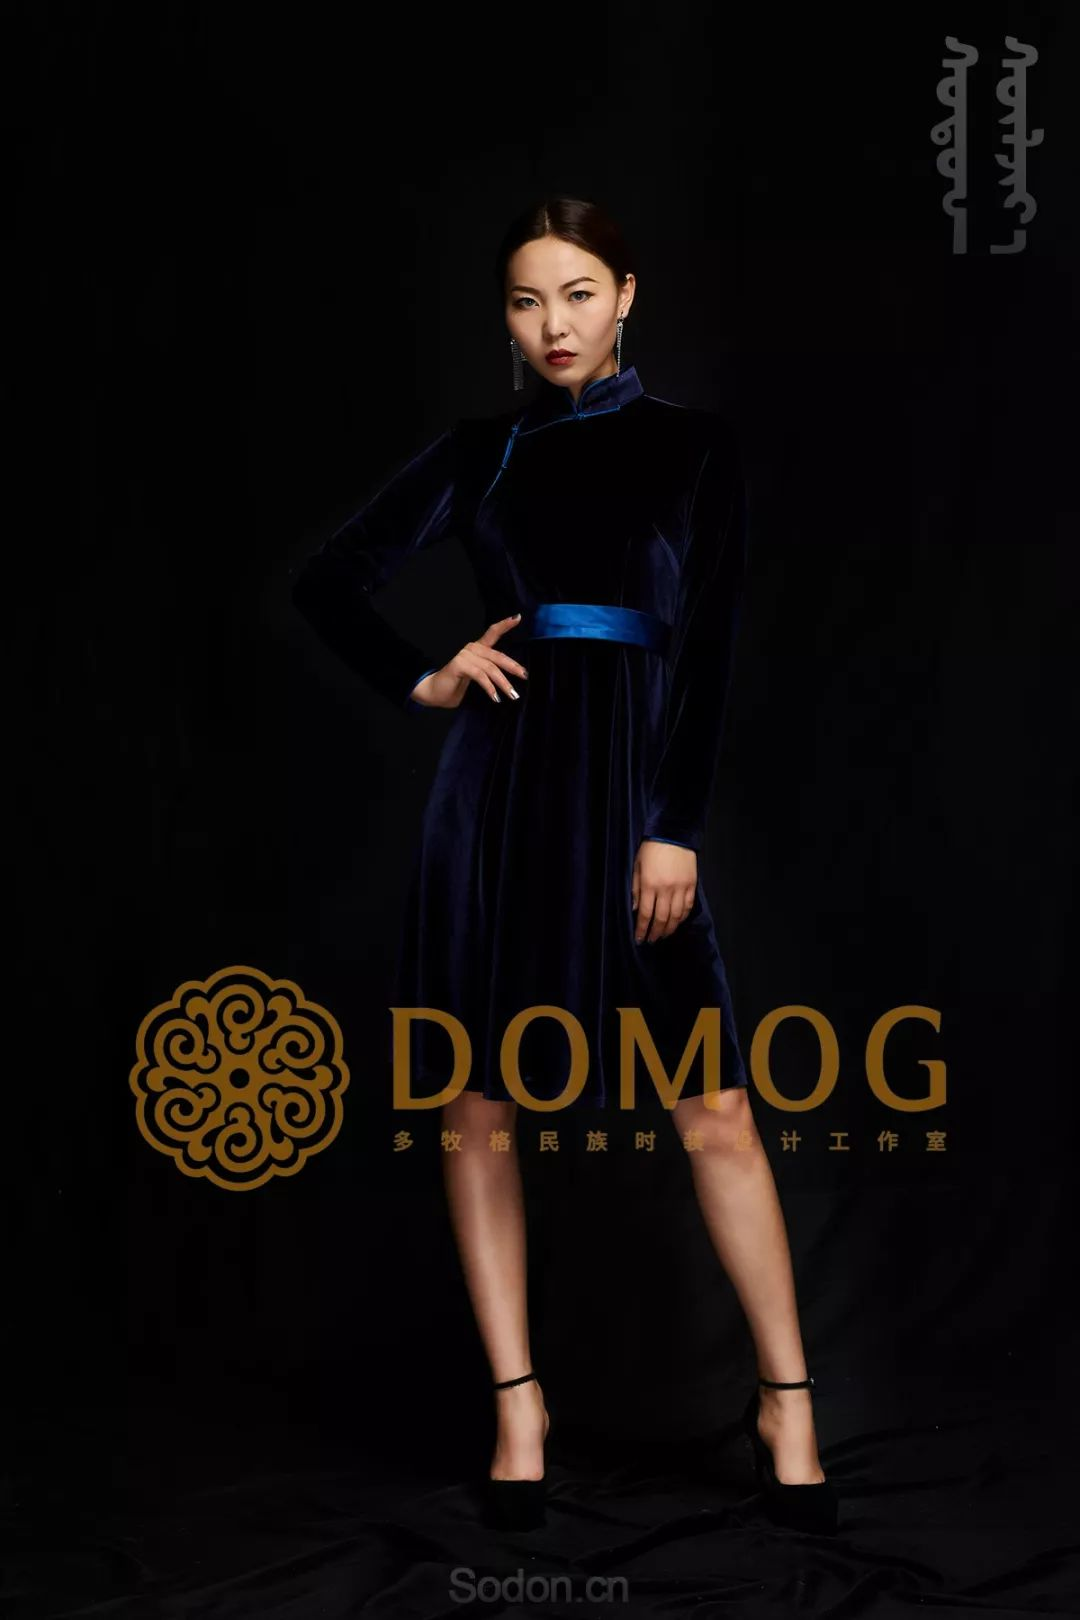 DOMOG蒙古时装绝美秋冬款系列,美出新高度! 第12张